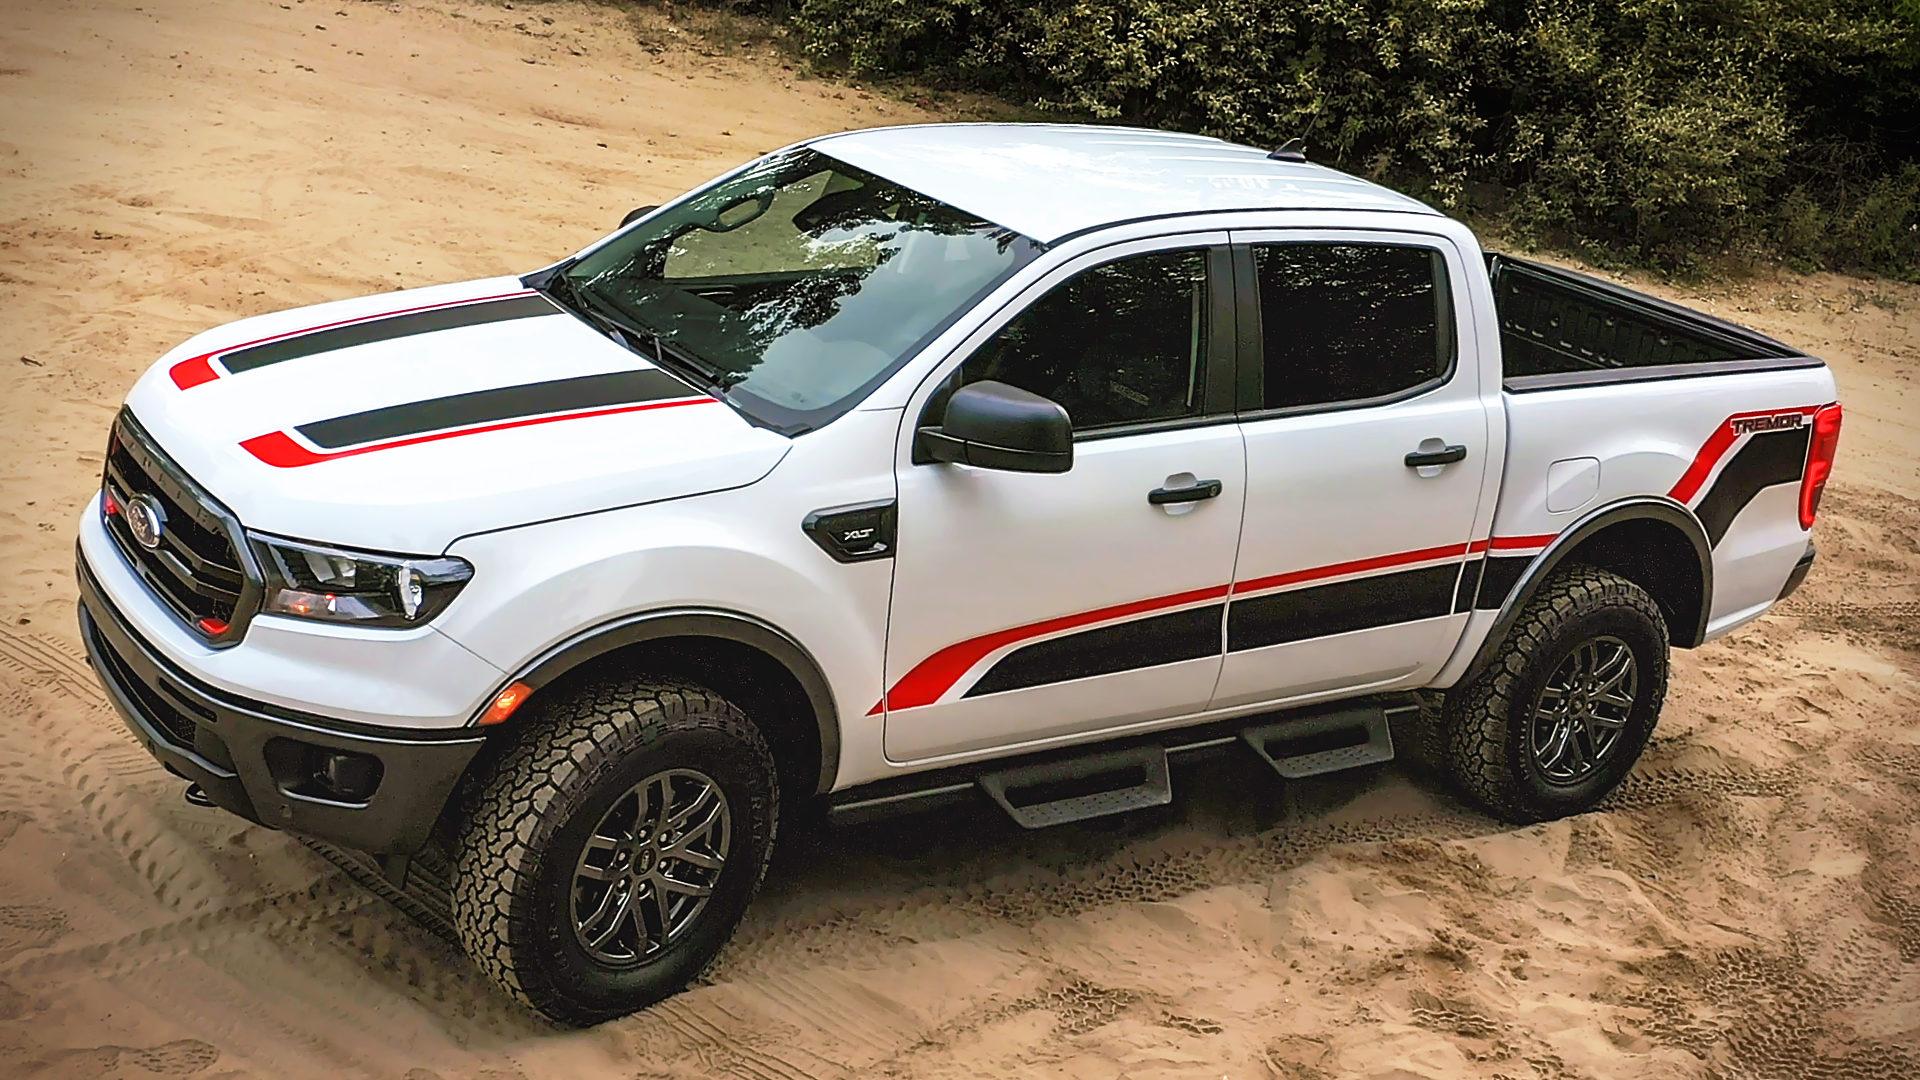 2021 Ford Ranger Tremor White